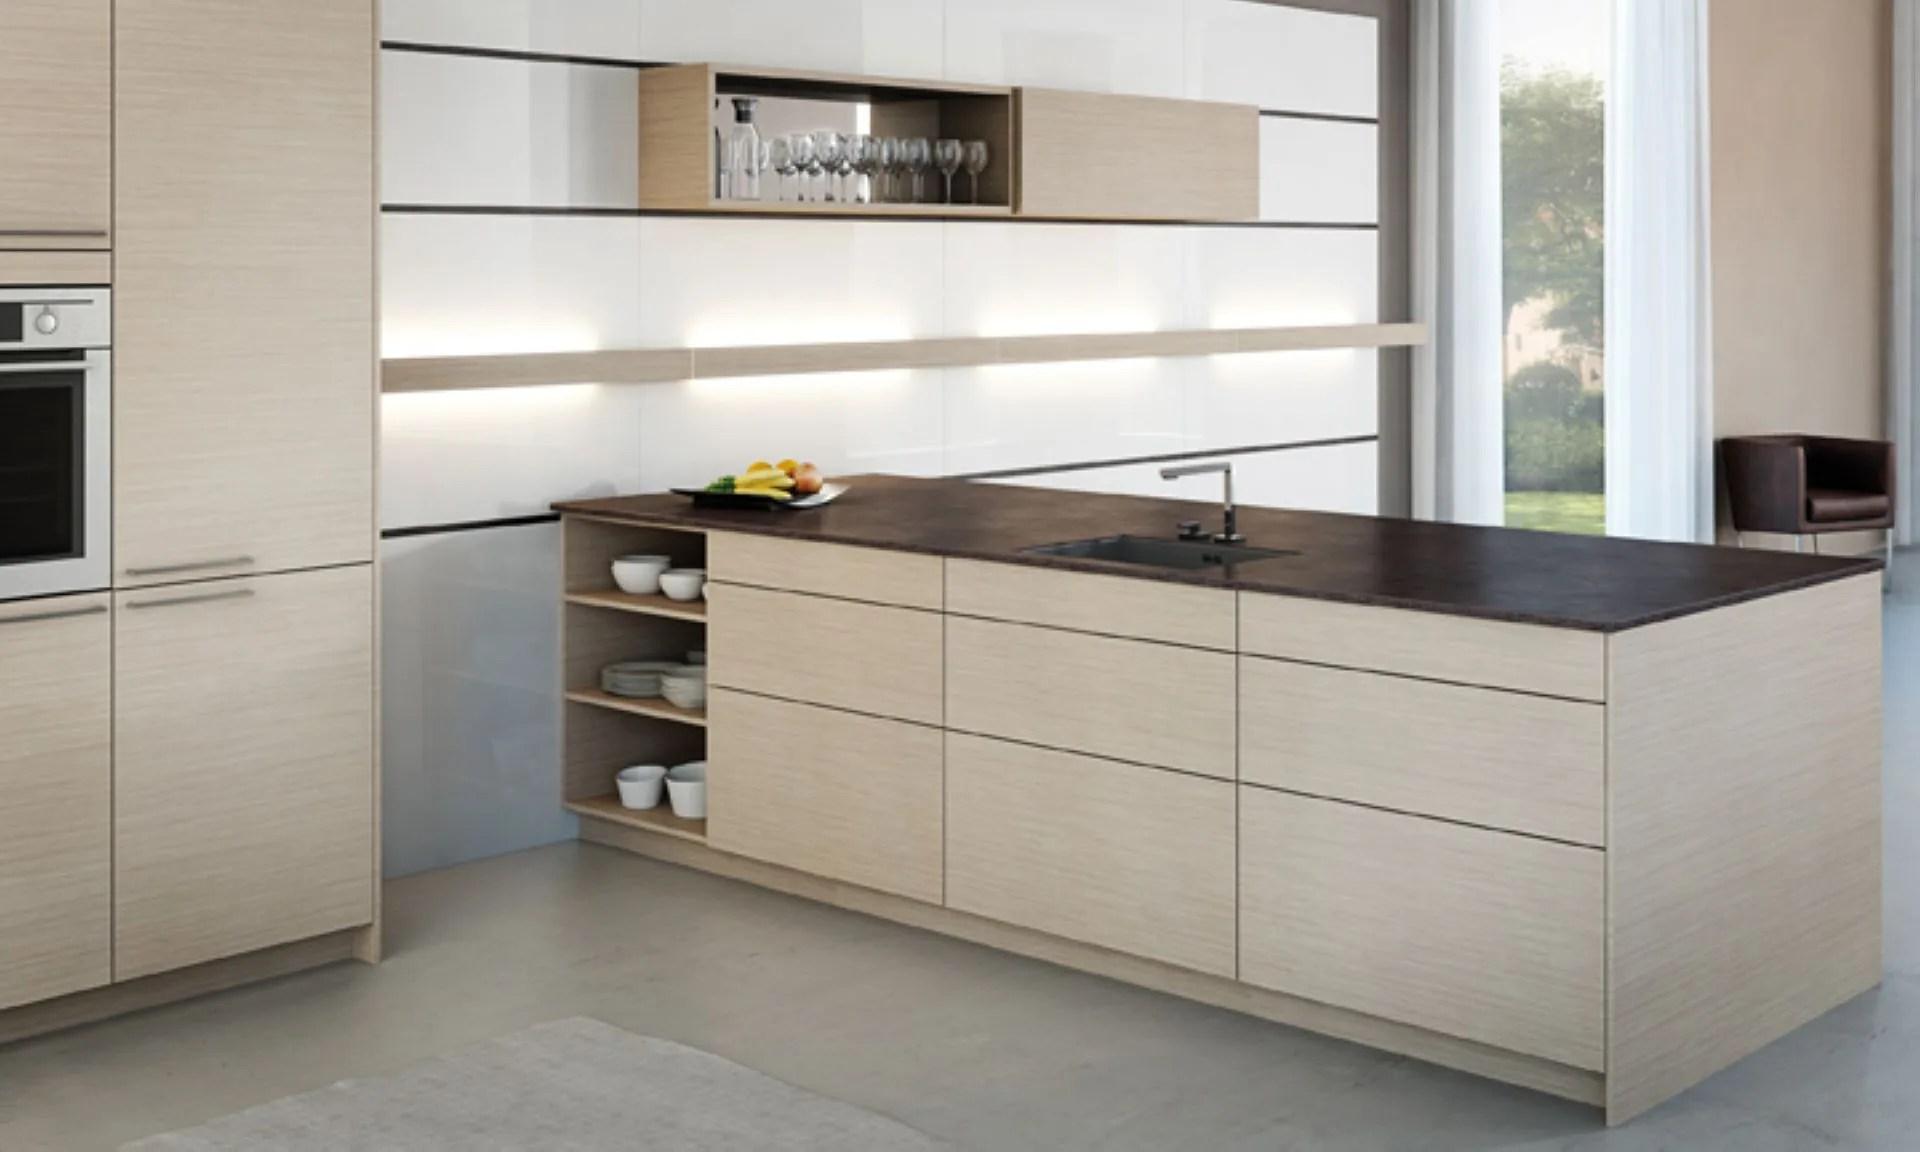 keramik waschbecken k che design keramik aufsatzwaschbecken waschbecken waschtisch. Black Bedroom Furniture Sets. Home Design Ideas